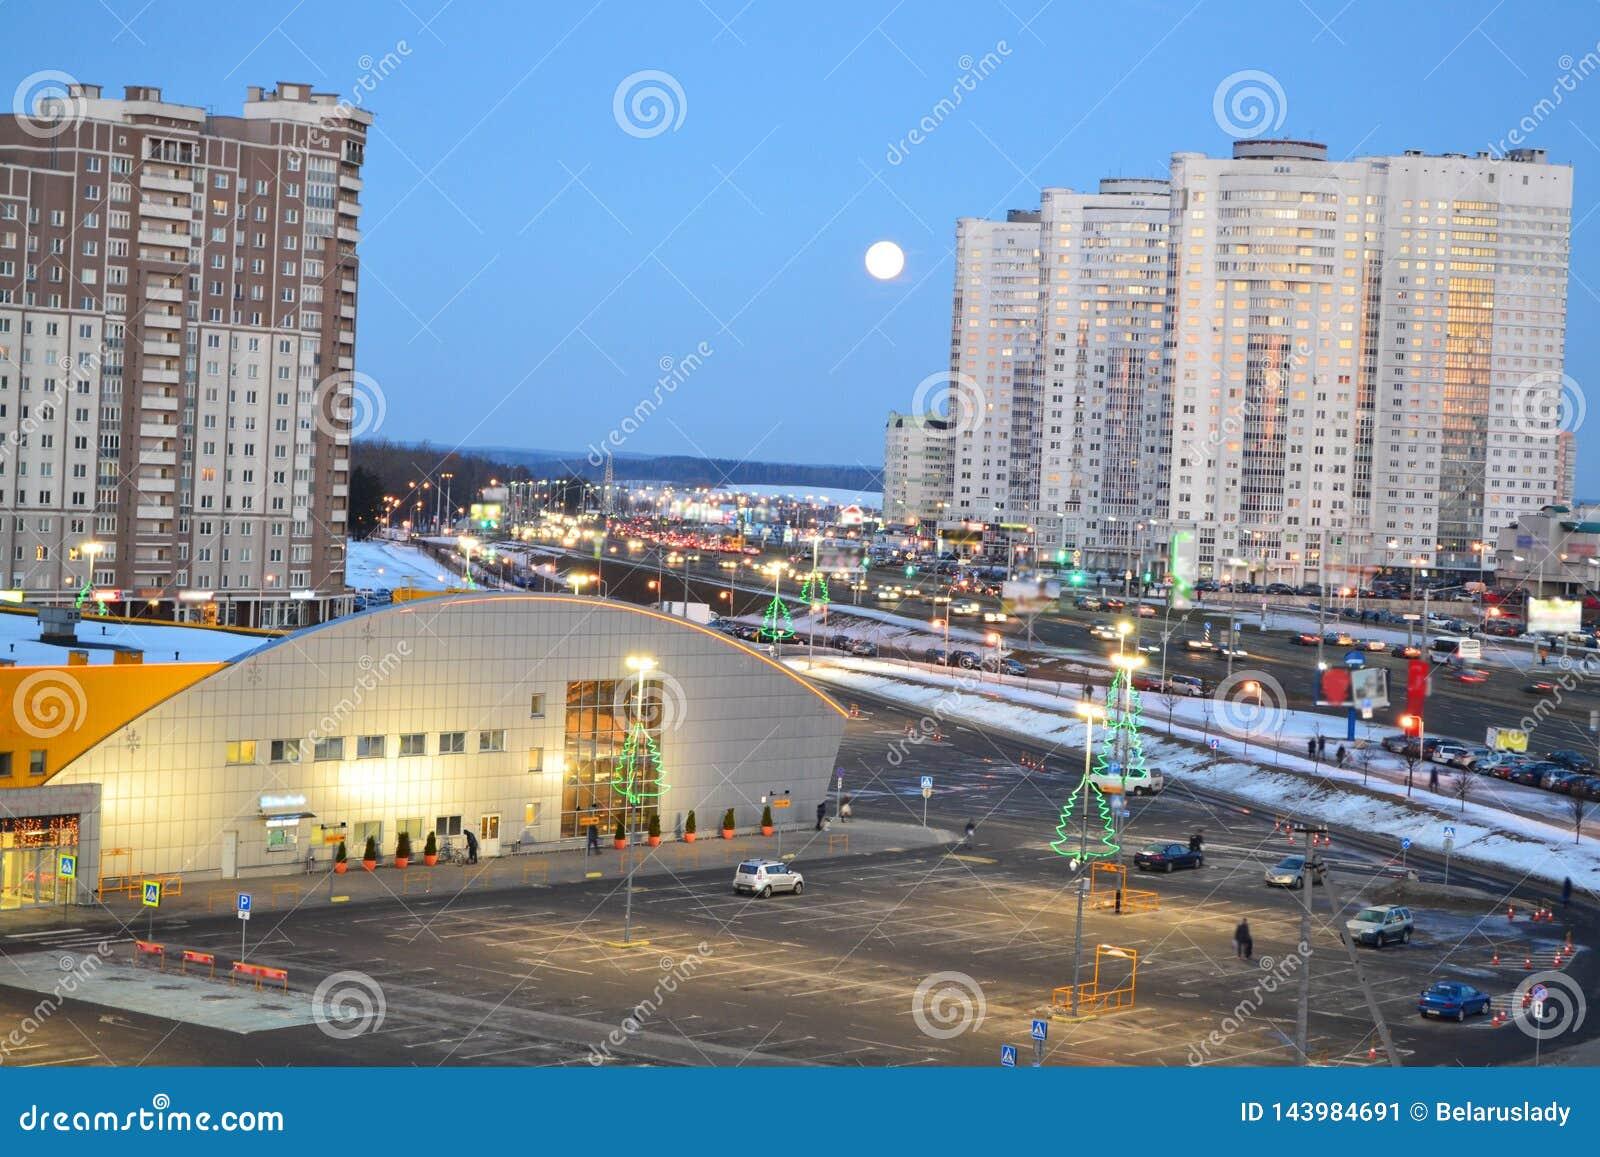 Beau paysage urbain avec le centre ville urbain de Minsk, Belarus Route urbaine de paysage Ciel de nuit